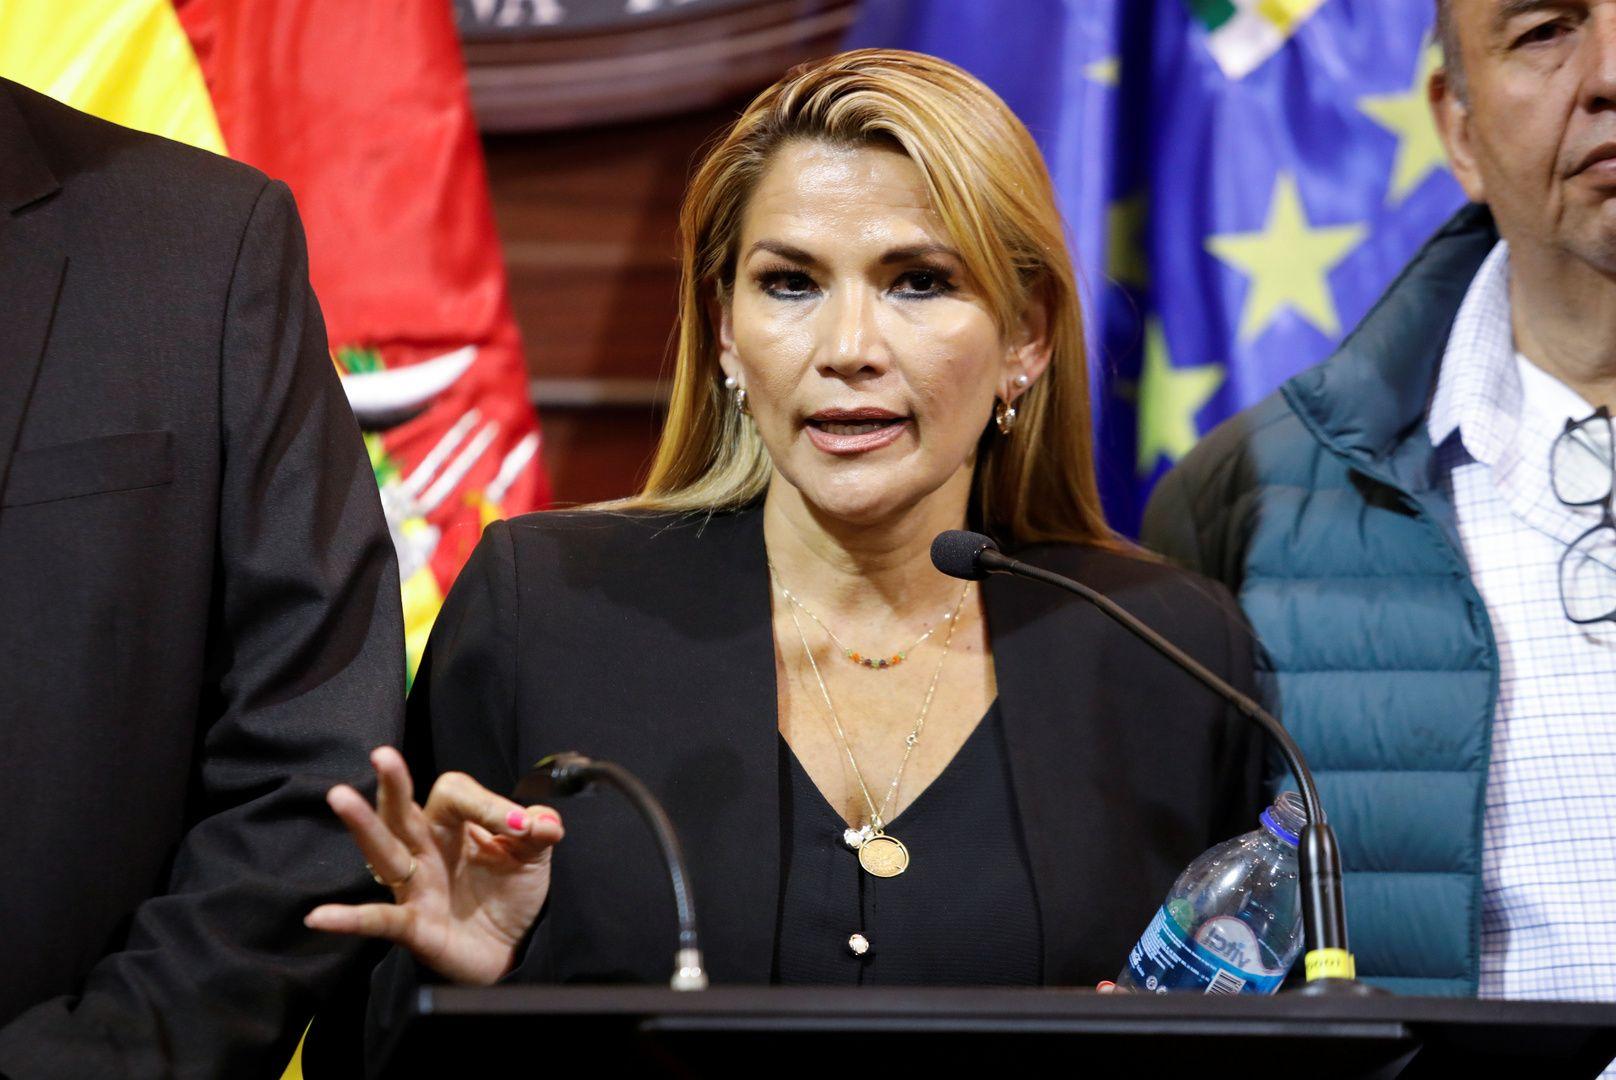 أمريكا تعترف بآنيز رئيسة لبوليفيا